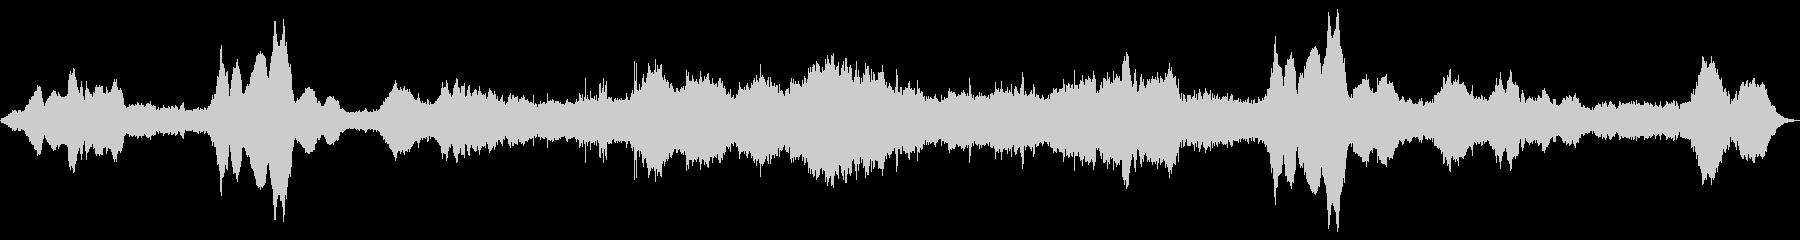 ドローン 悲しい確実性01の未再生の波形